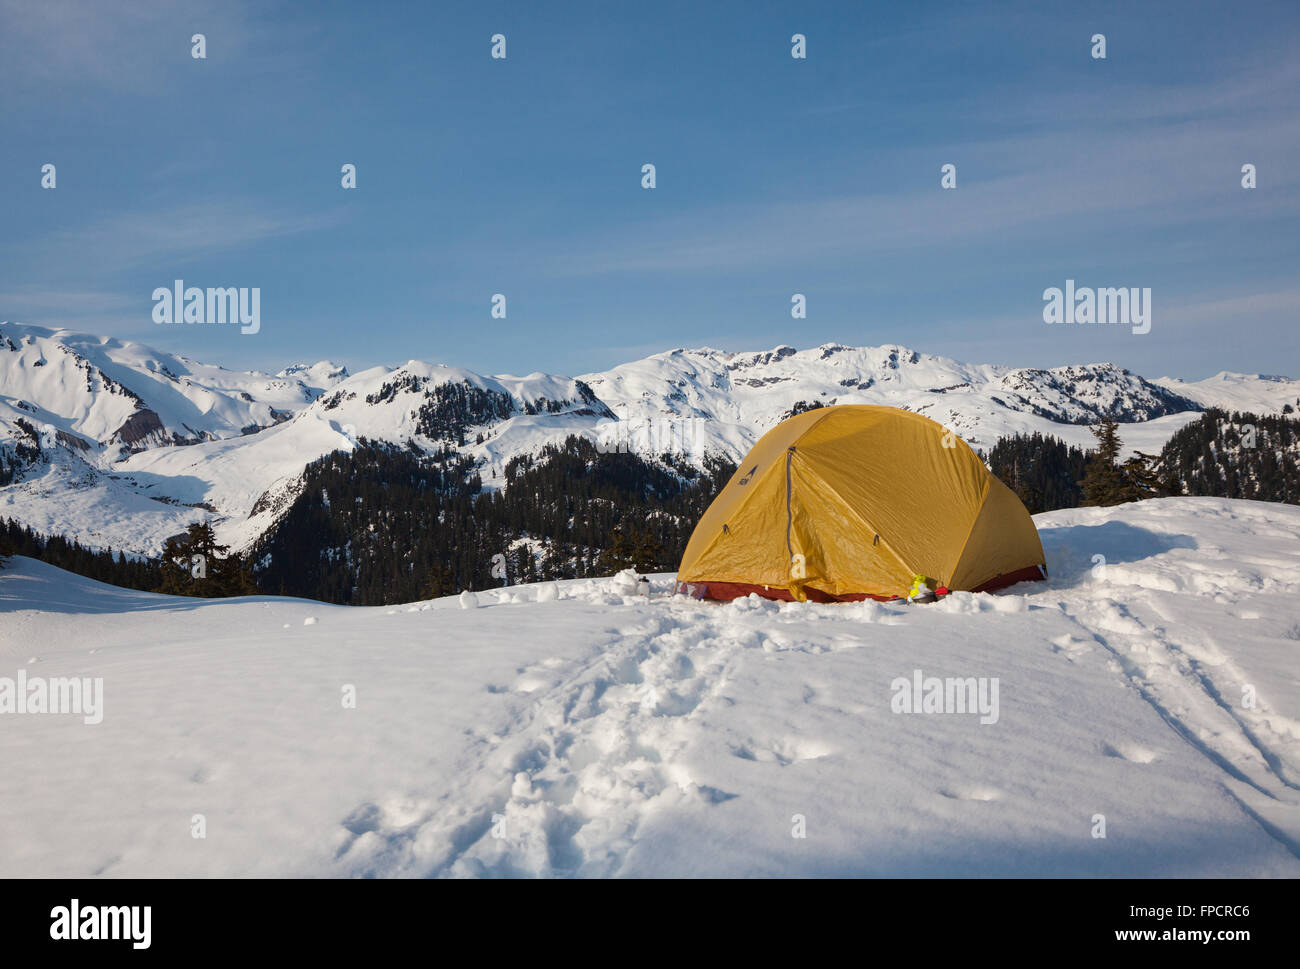 Winter Camping at Elfin Lakes, Garibaldi Provincial Park, British Columbia - Stock Image